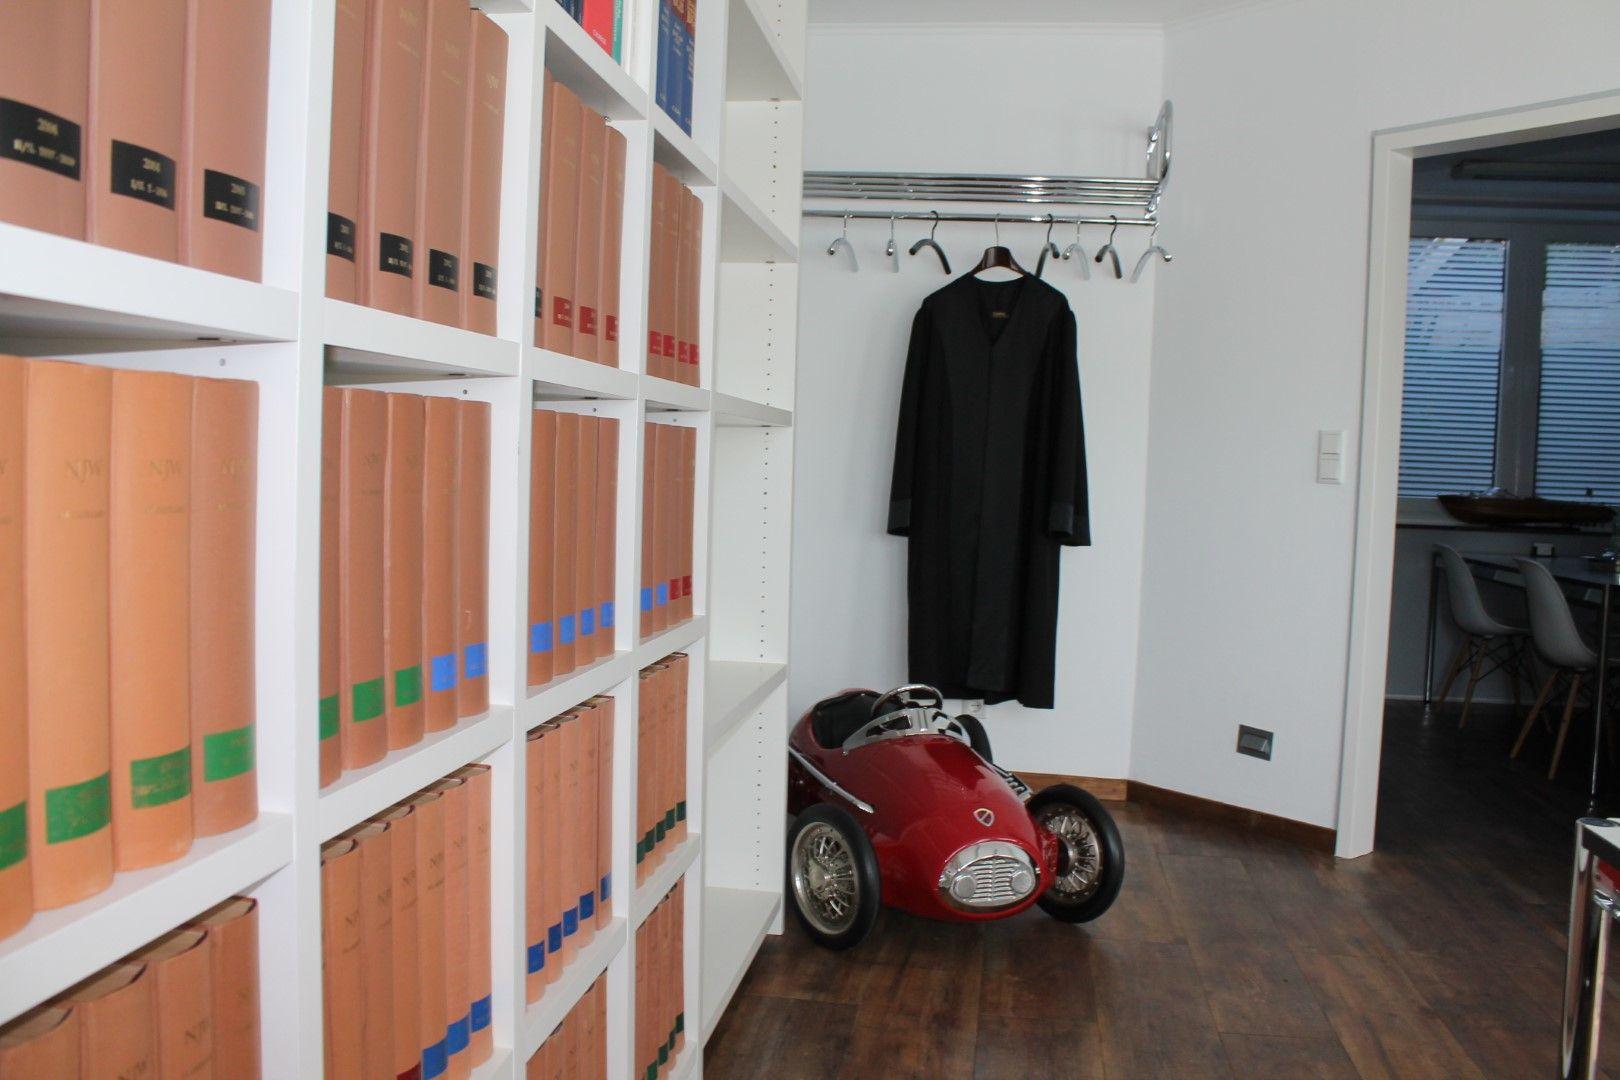 Immobilie Nr.0289 - Bürofläche im Erdgeschoss mit zwei Räumen  - Bild 2.jpg